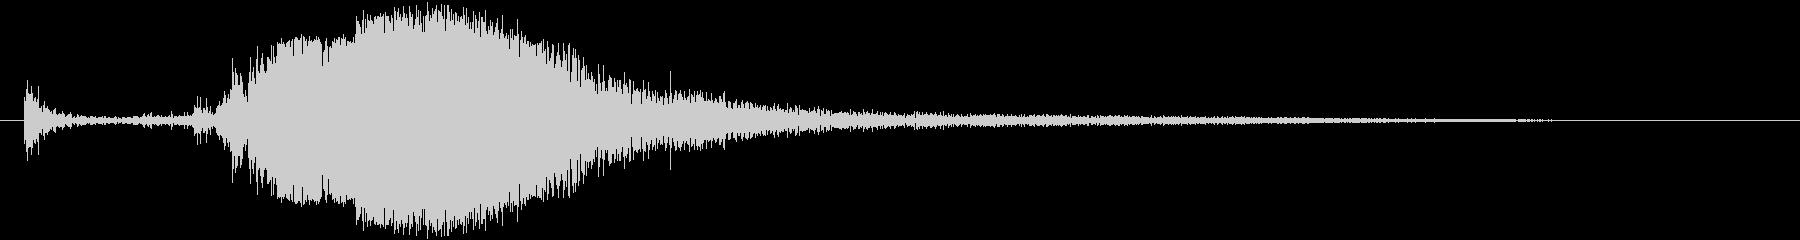 剣を抜く音#2の未再生の波形